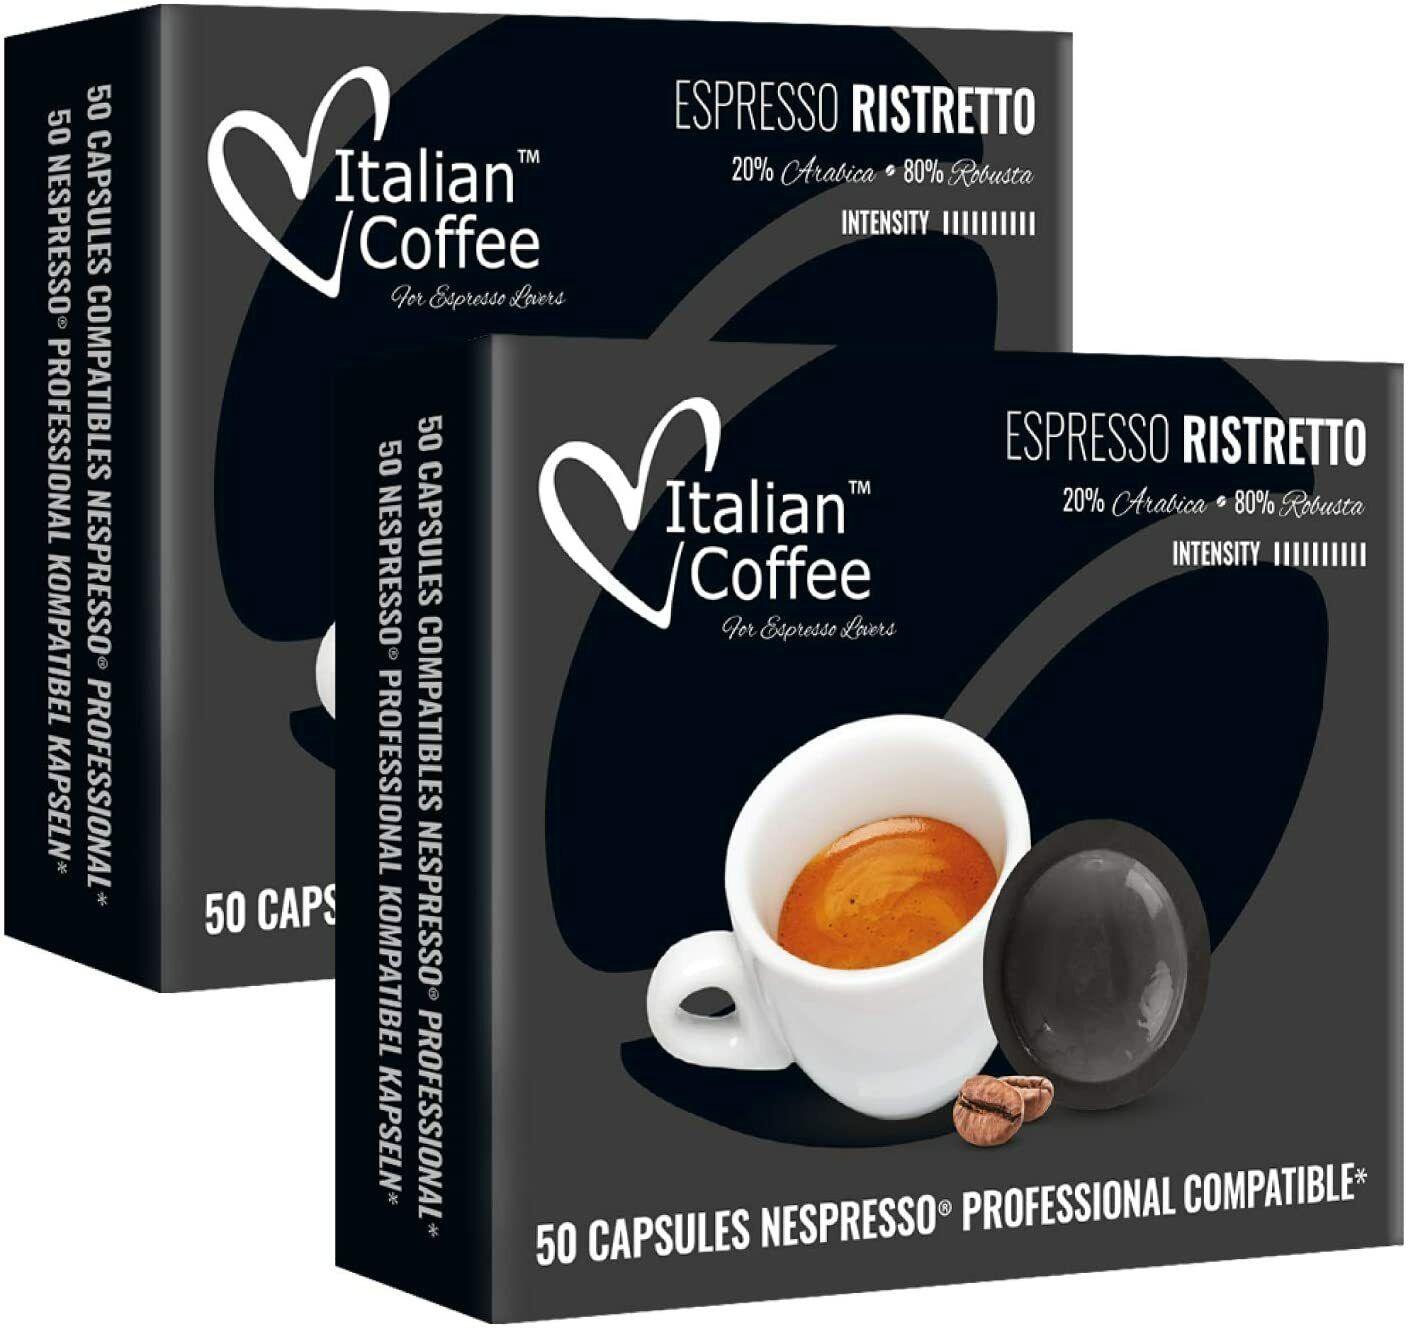 100 Capsulas Nespresso Profesional Compatibles - Ristretto